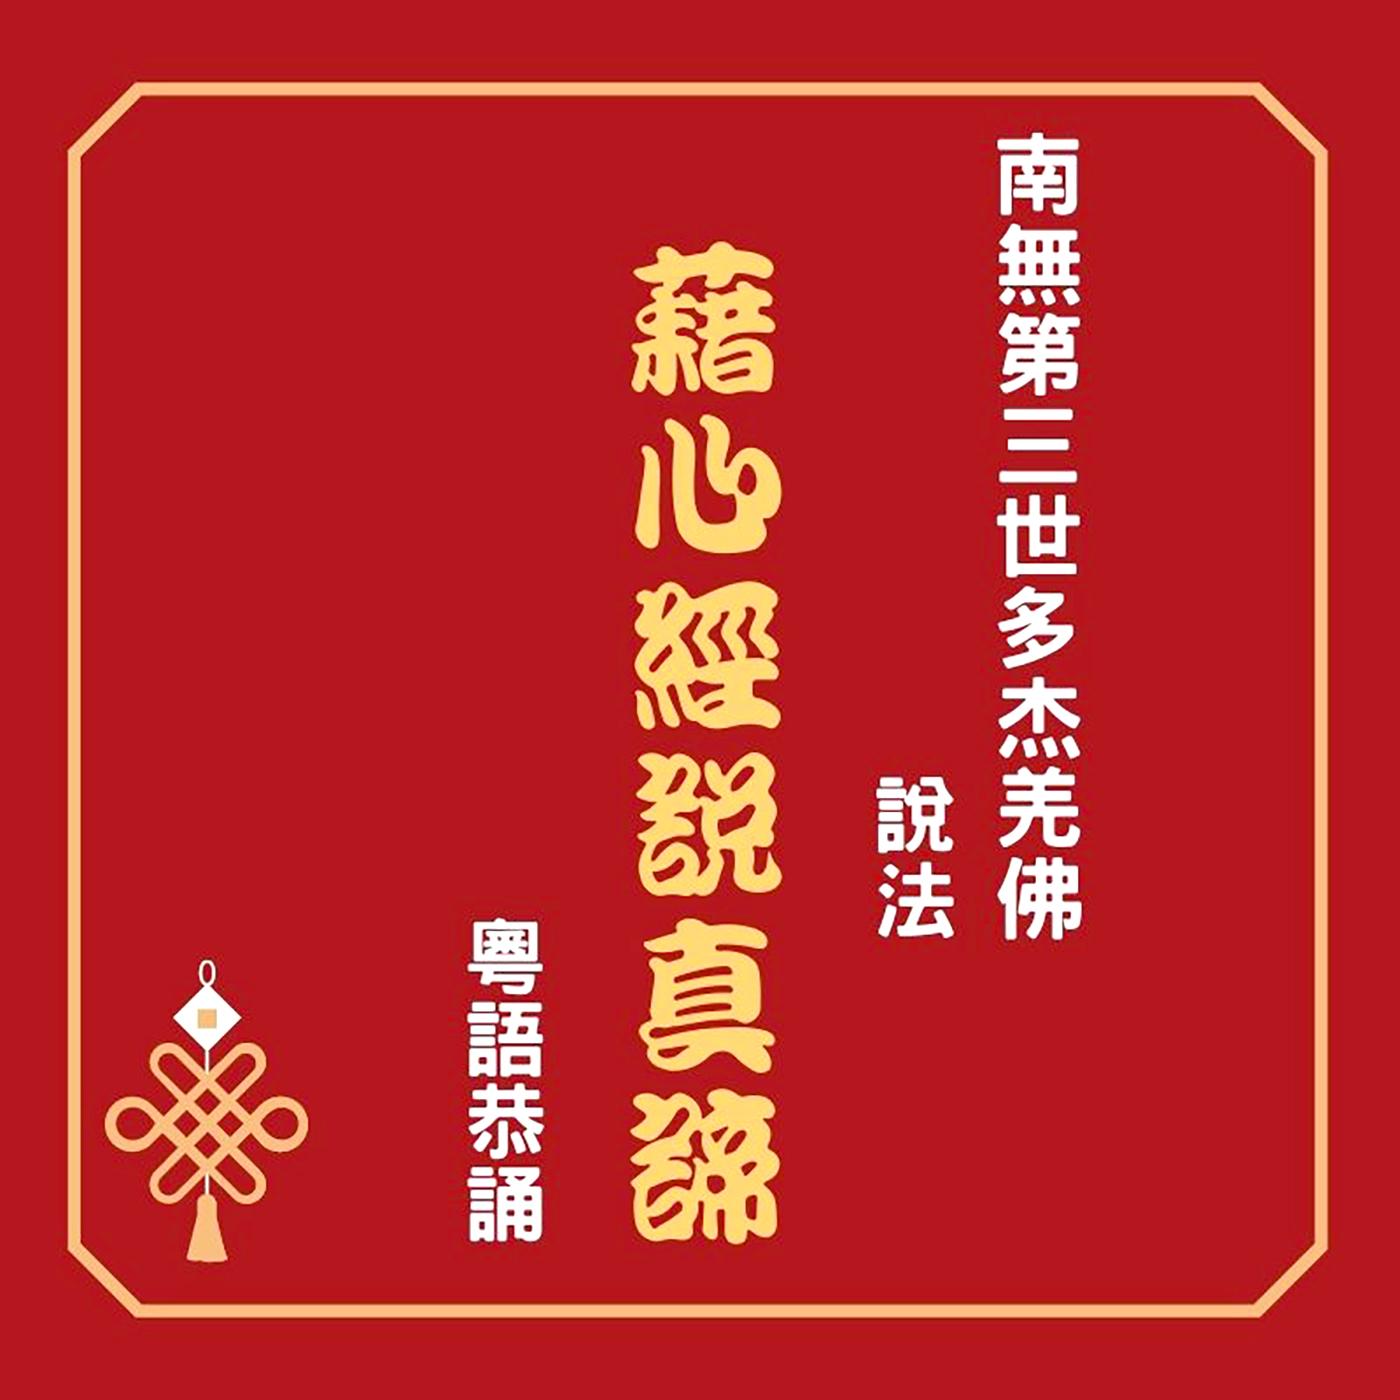 037 粵語恭誦--南無第三世多杰羌佛說法《藉心經說真諦》 藉經題而說法114-117頁